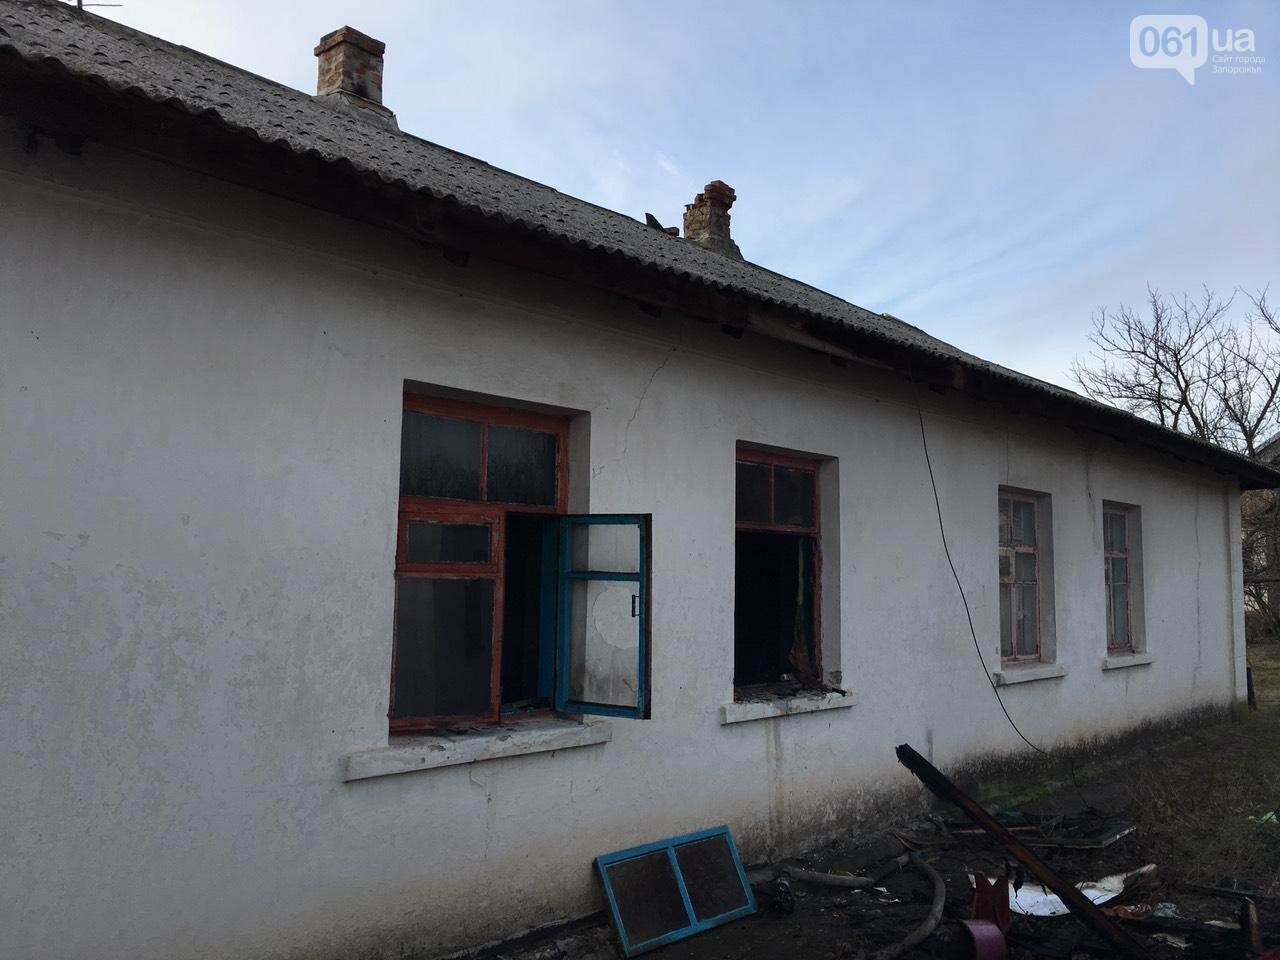 Под Запорожьем на пожаре погиб хозяин дома, - ФОТО, фото-1